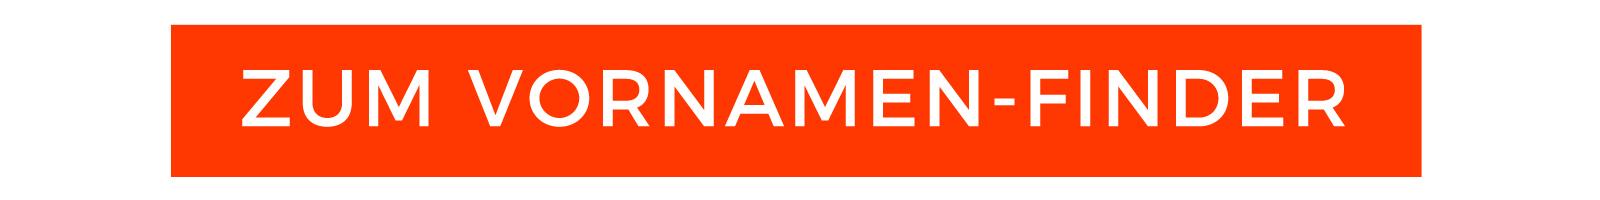 Tool: Vornamen finden für Jungen und Mädchen